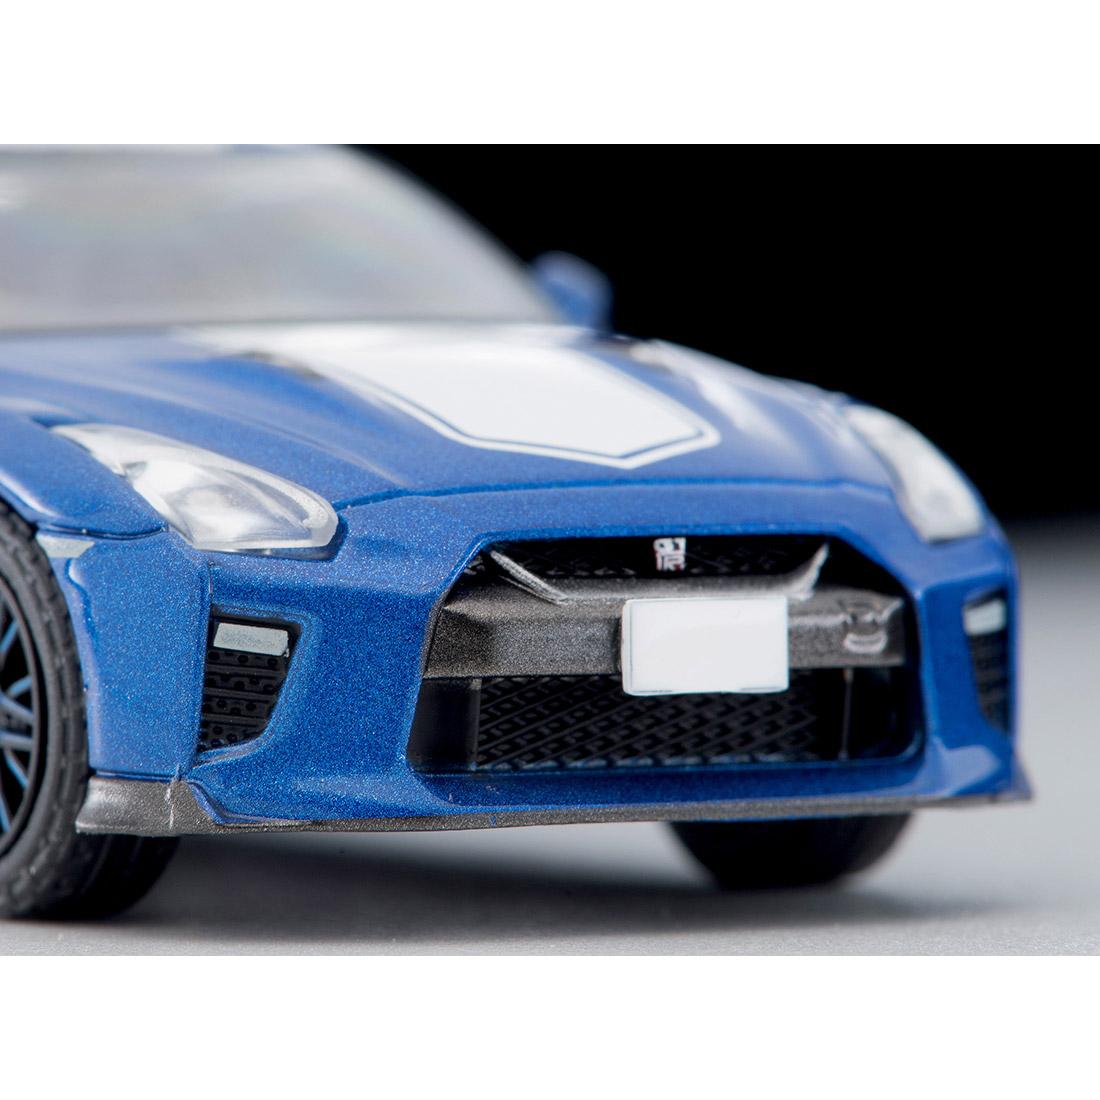 トミカリミテッドヴィンテージ ネオ LV-N200a『日産GT-R 50th ANNIVERSARY(青)』1/64 ミニカー-008